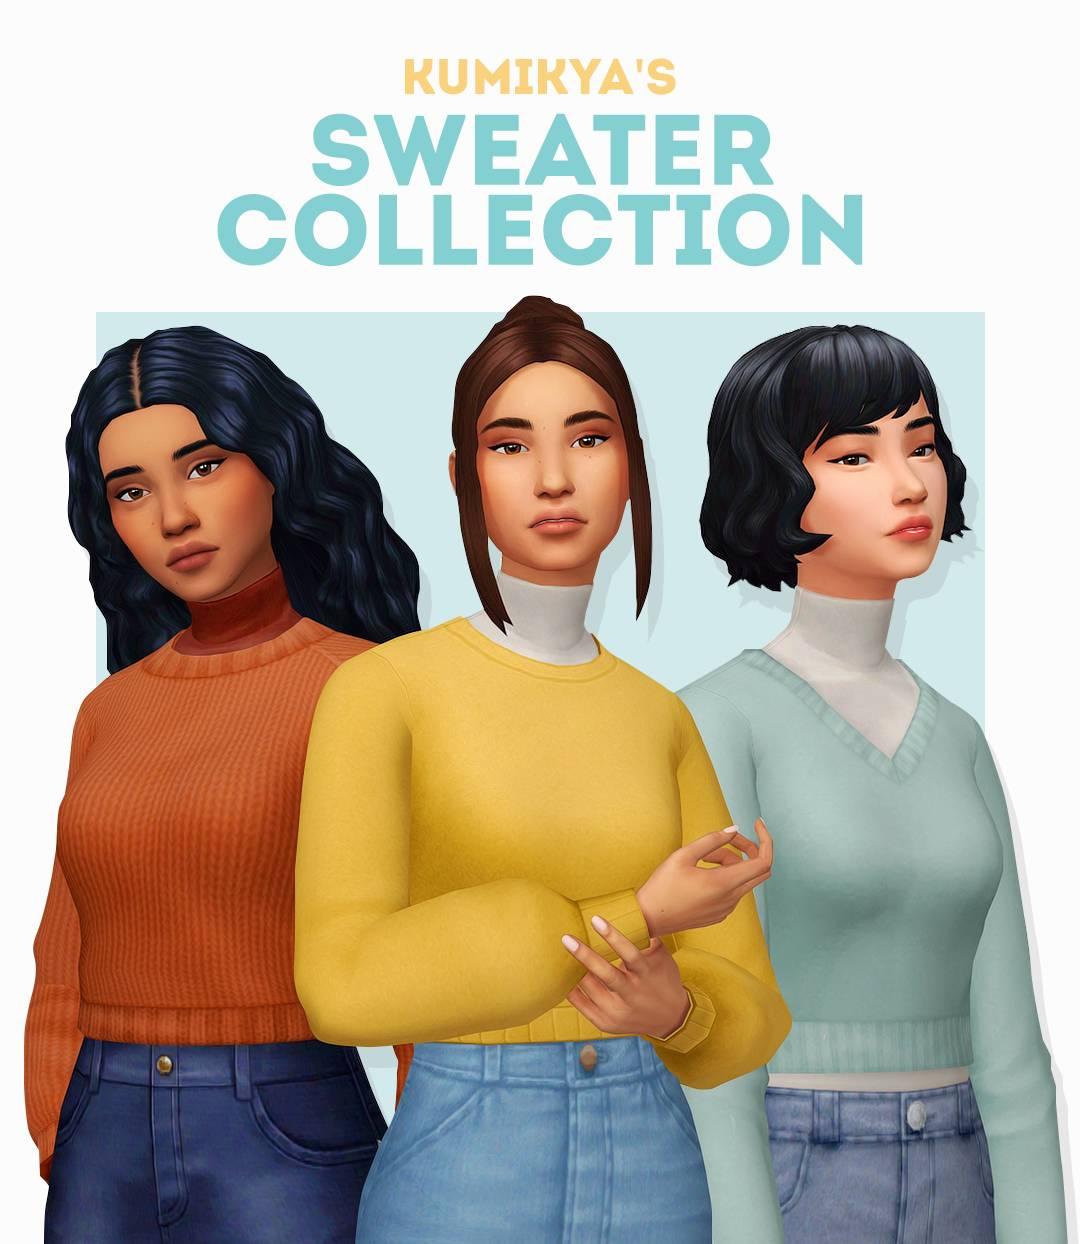 Набор женской одежды - SWEATER COLLECTION